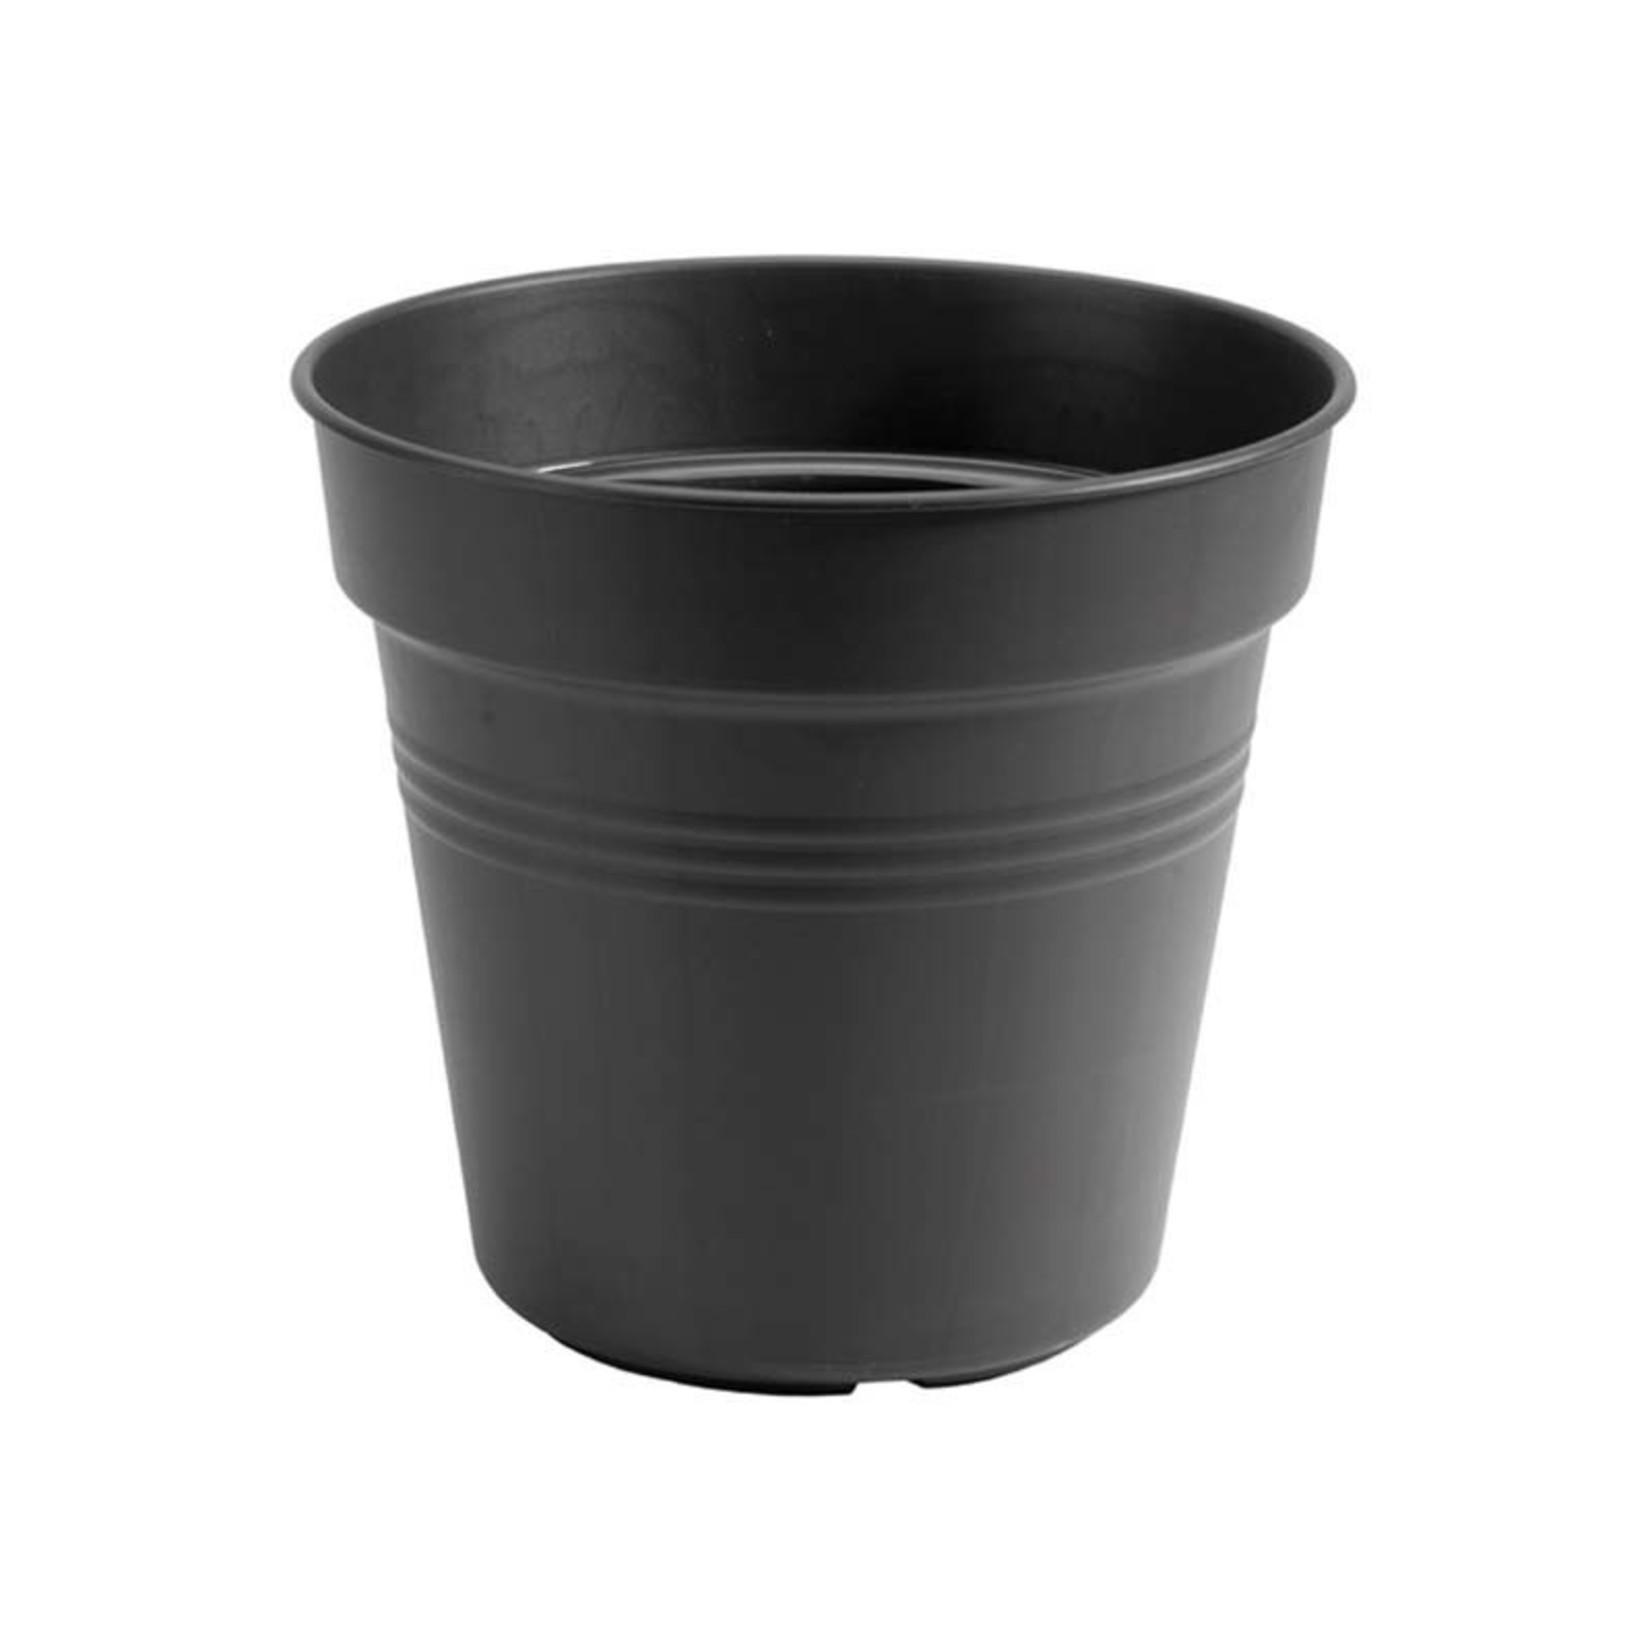 Elho Elho Grow Pot 11Cm Living Black